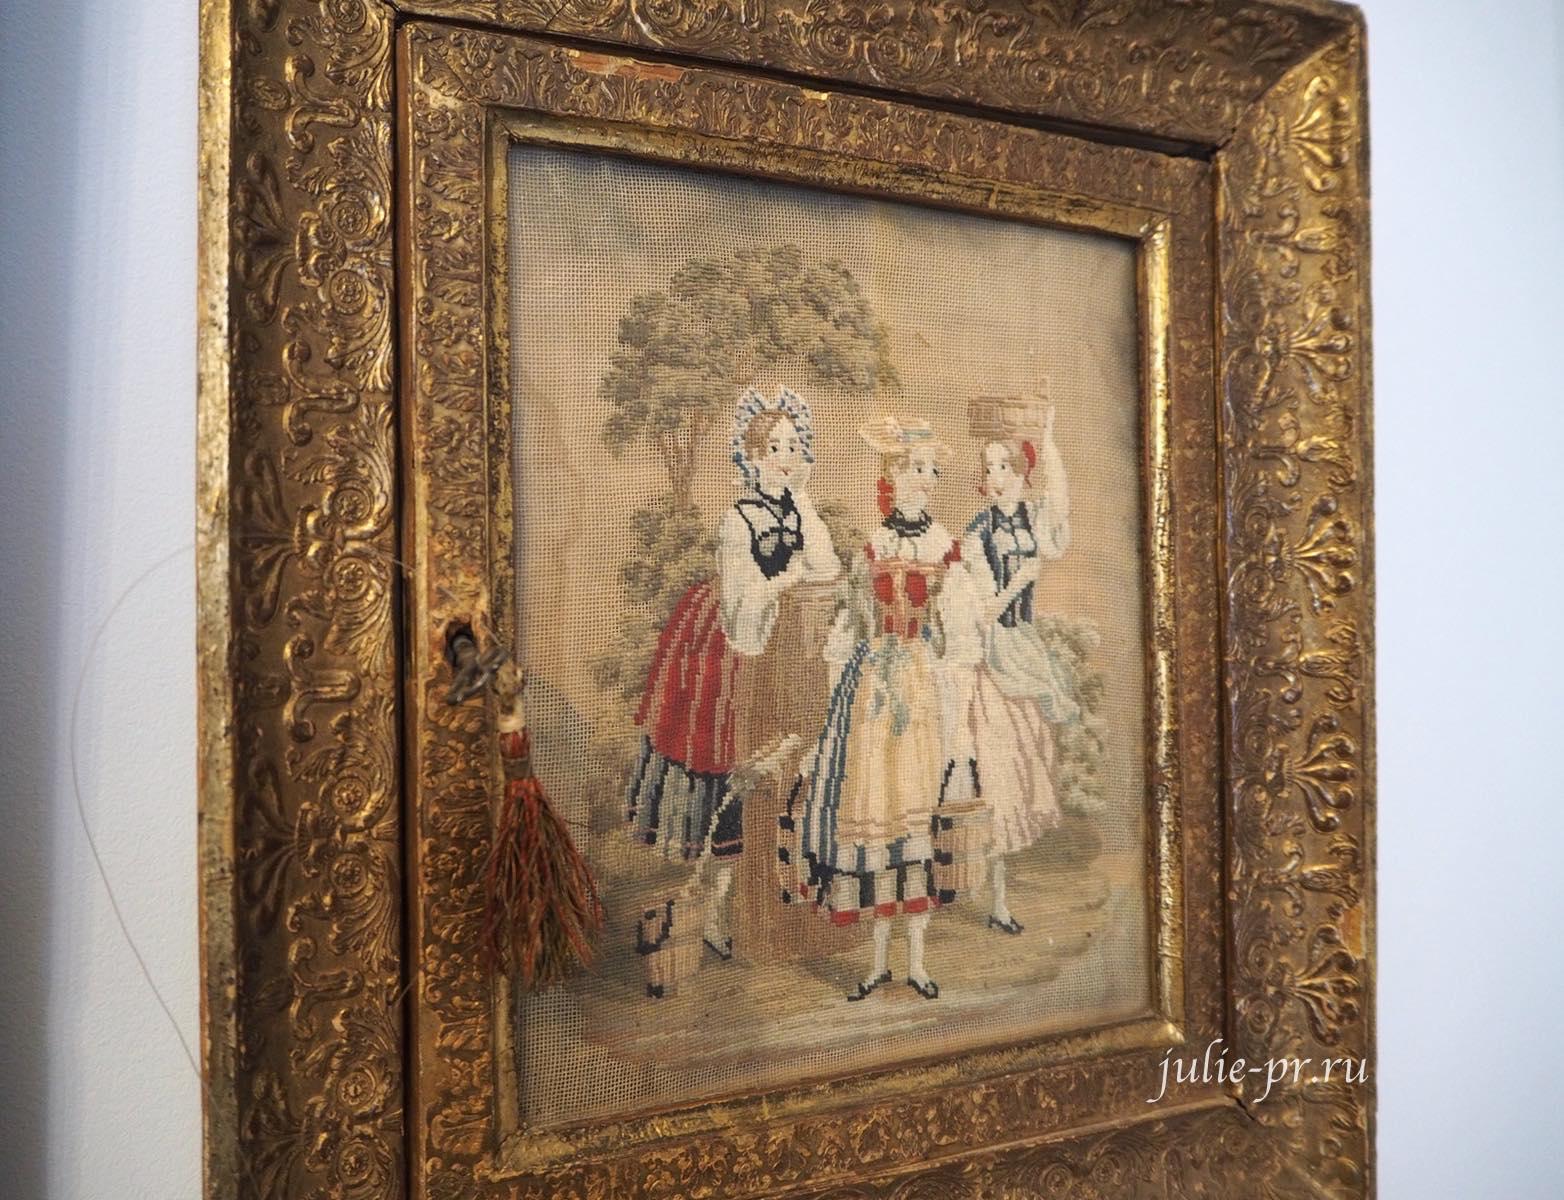 выставка Как роза ты нежна, вышивка гладью, музей усадьба Г. Р. Державина